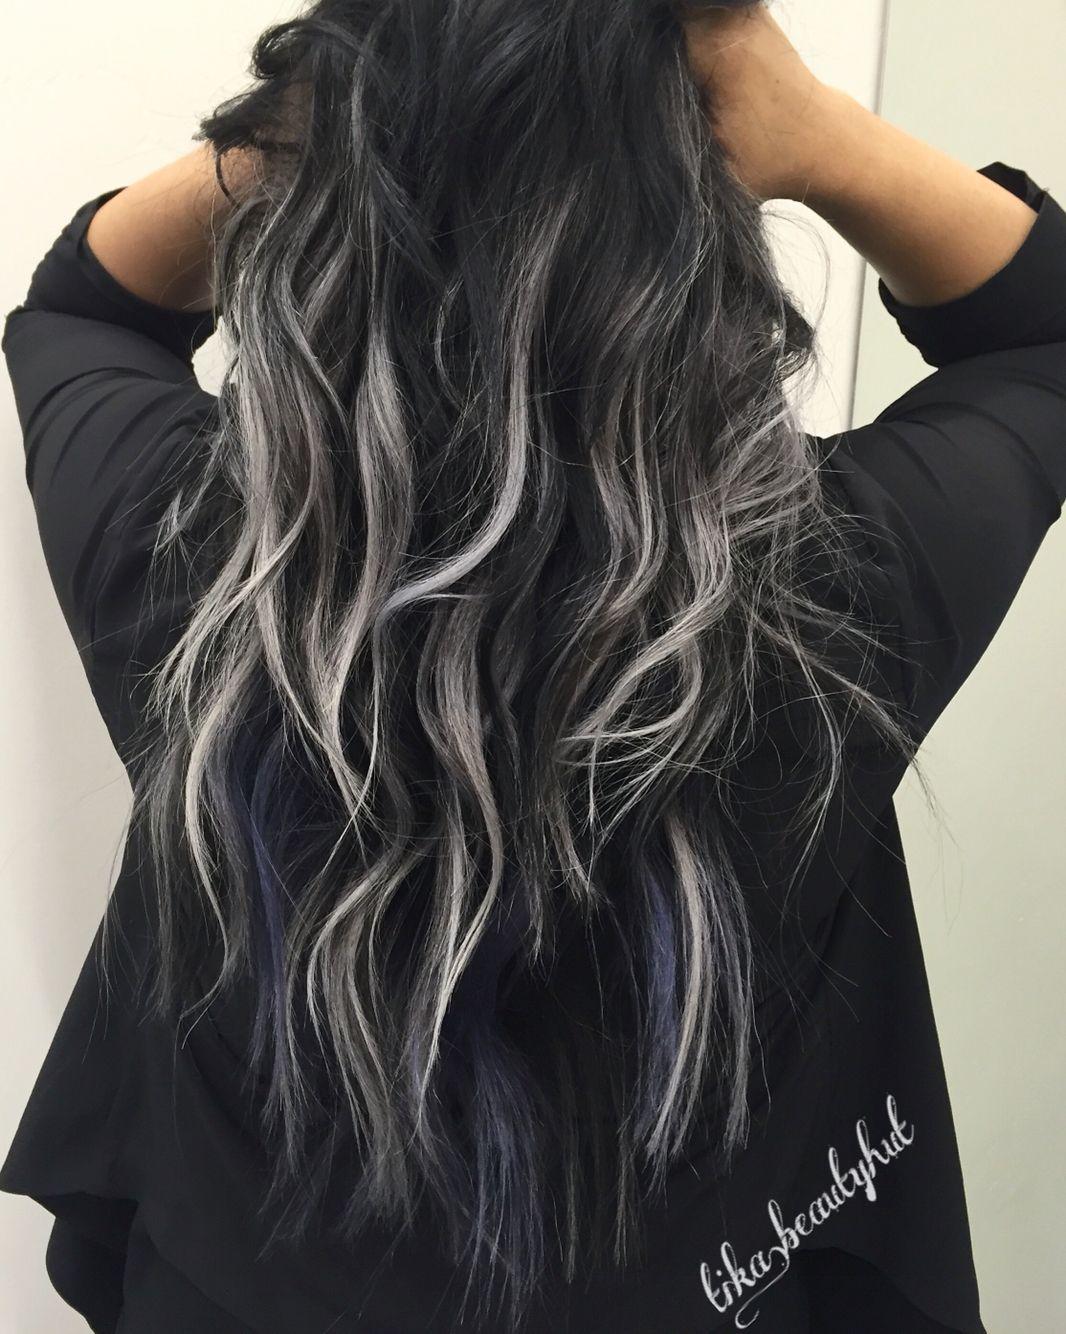 35+ Black hair color ideas ideas in 2021